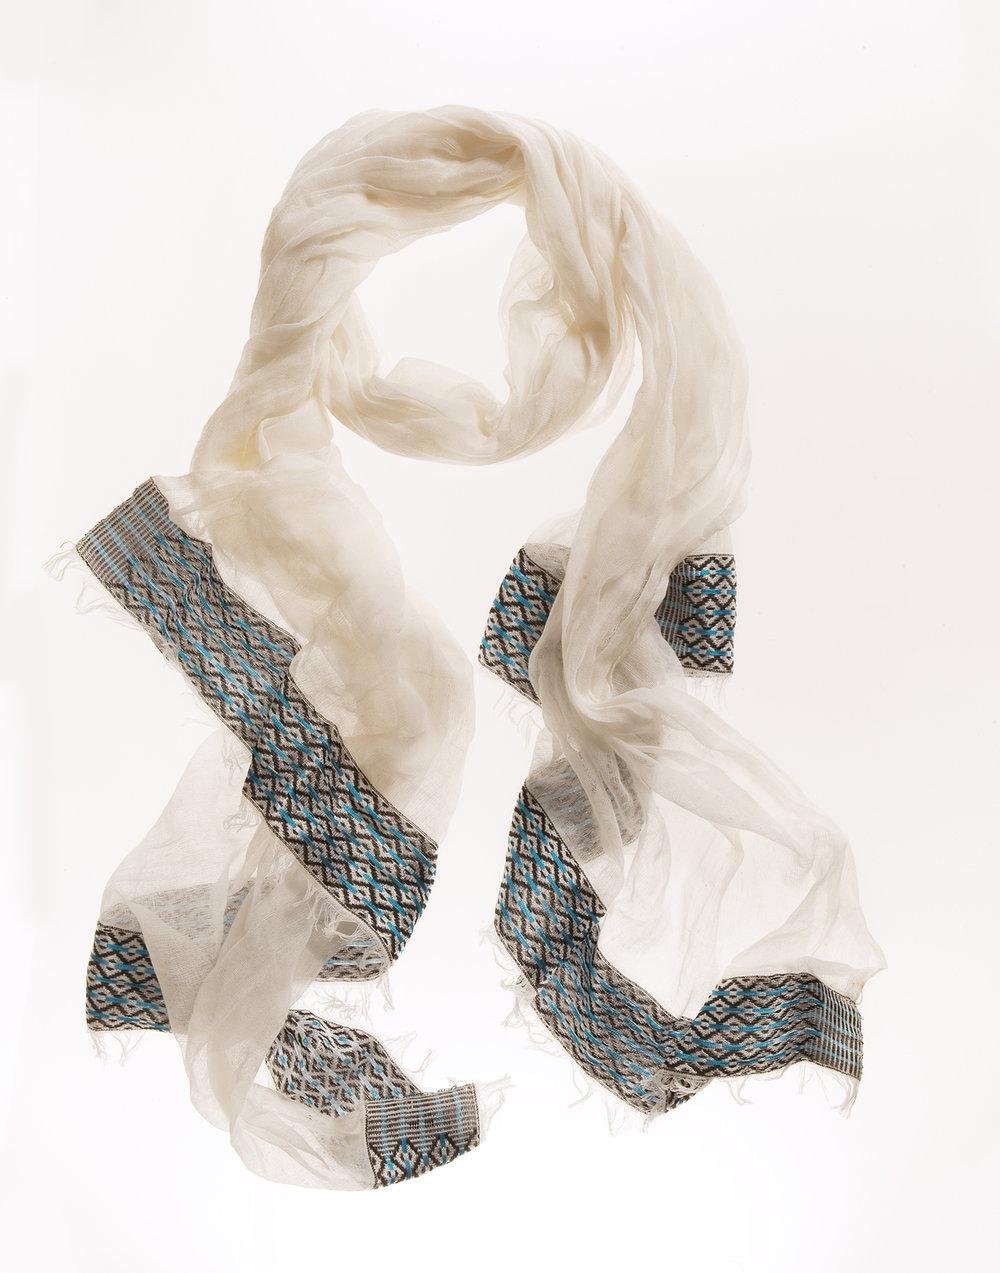 Jordan-scarf.jpg